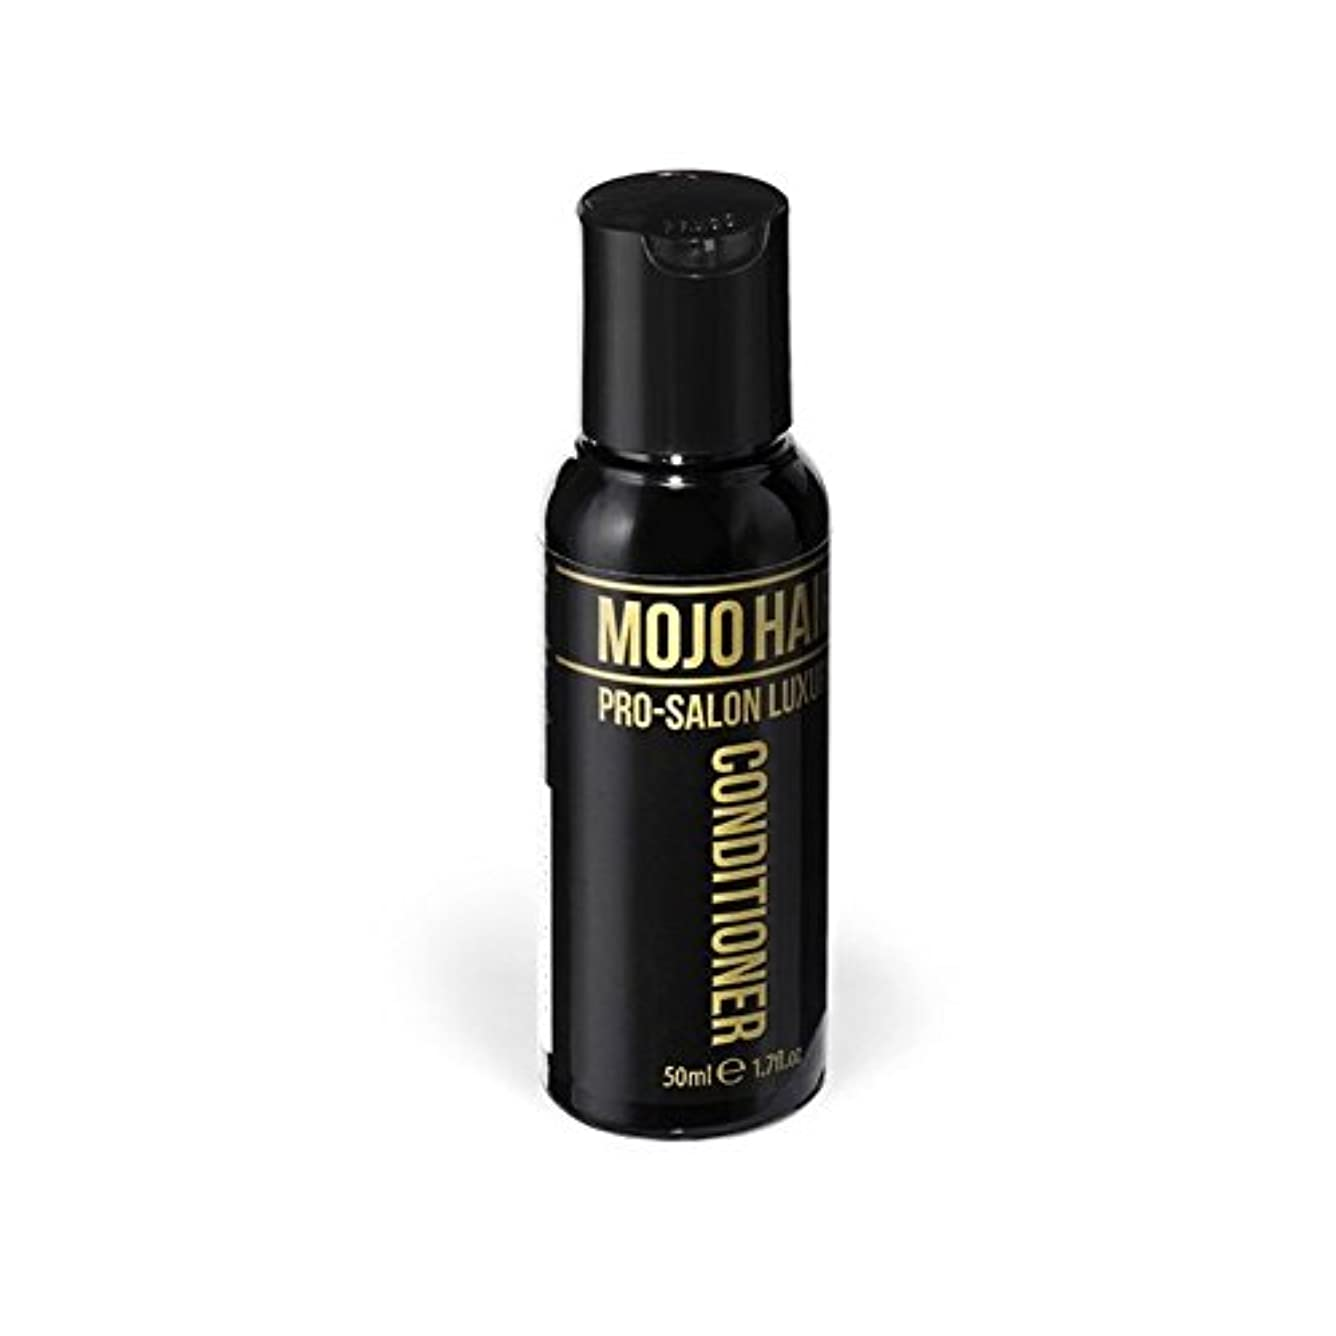 流す中傷ハックMojo Hair Pro-Salon Luxury Conditioner (50ml) (Pack of 6) - モジョの毛プロのサロンの贅沢なコンディショナー(50ミリリットル) x6 [並行輸入品]